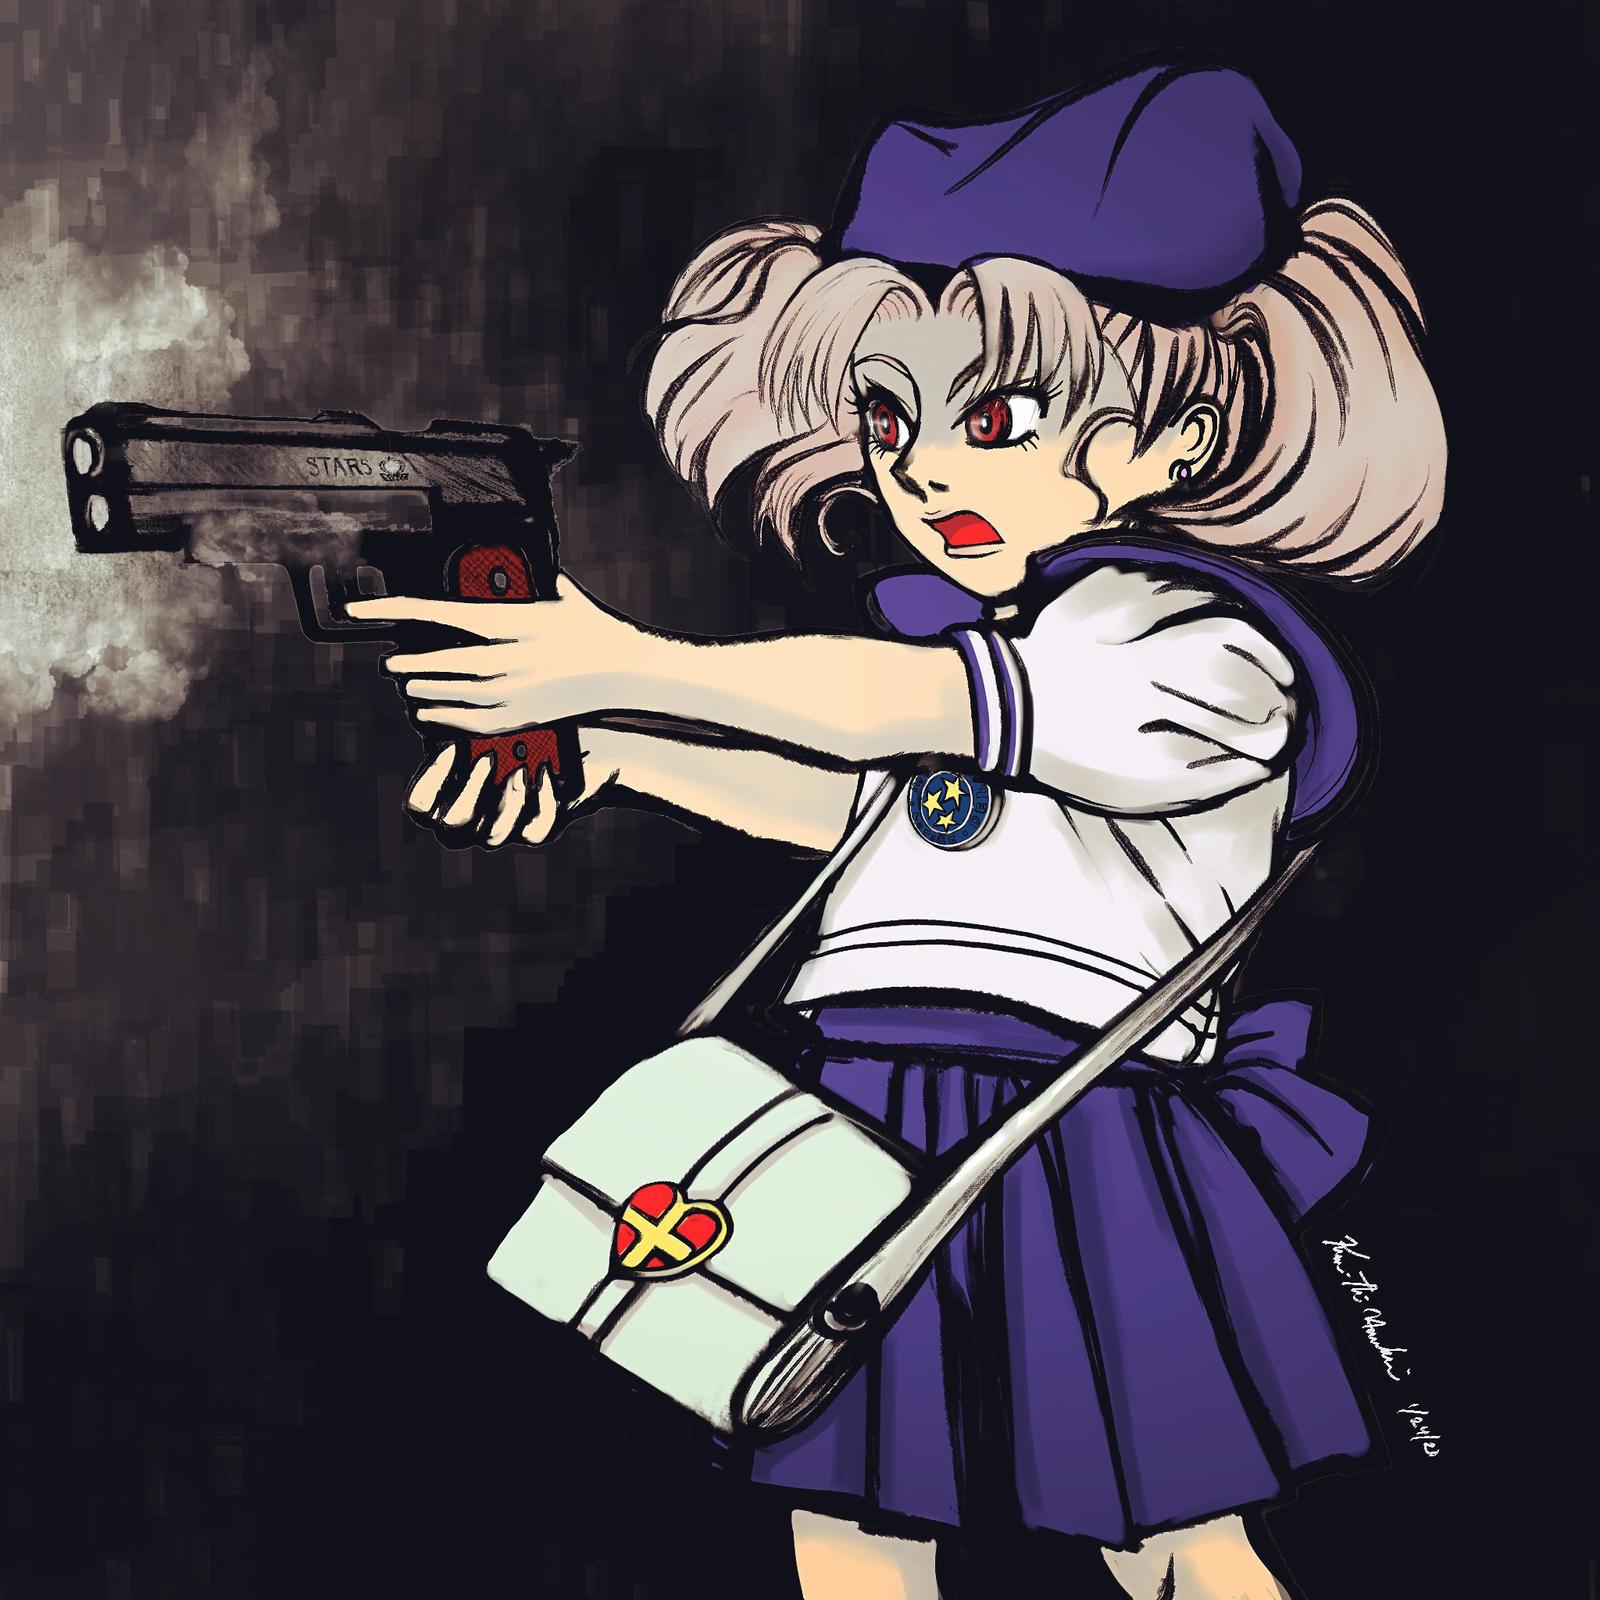 Sailor S.T.A.R.S.